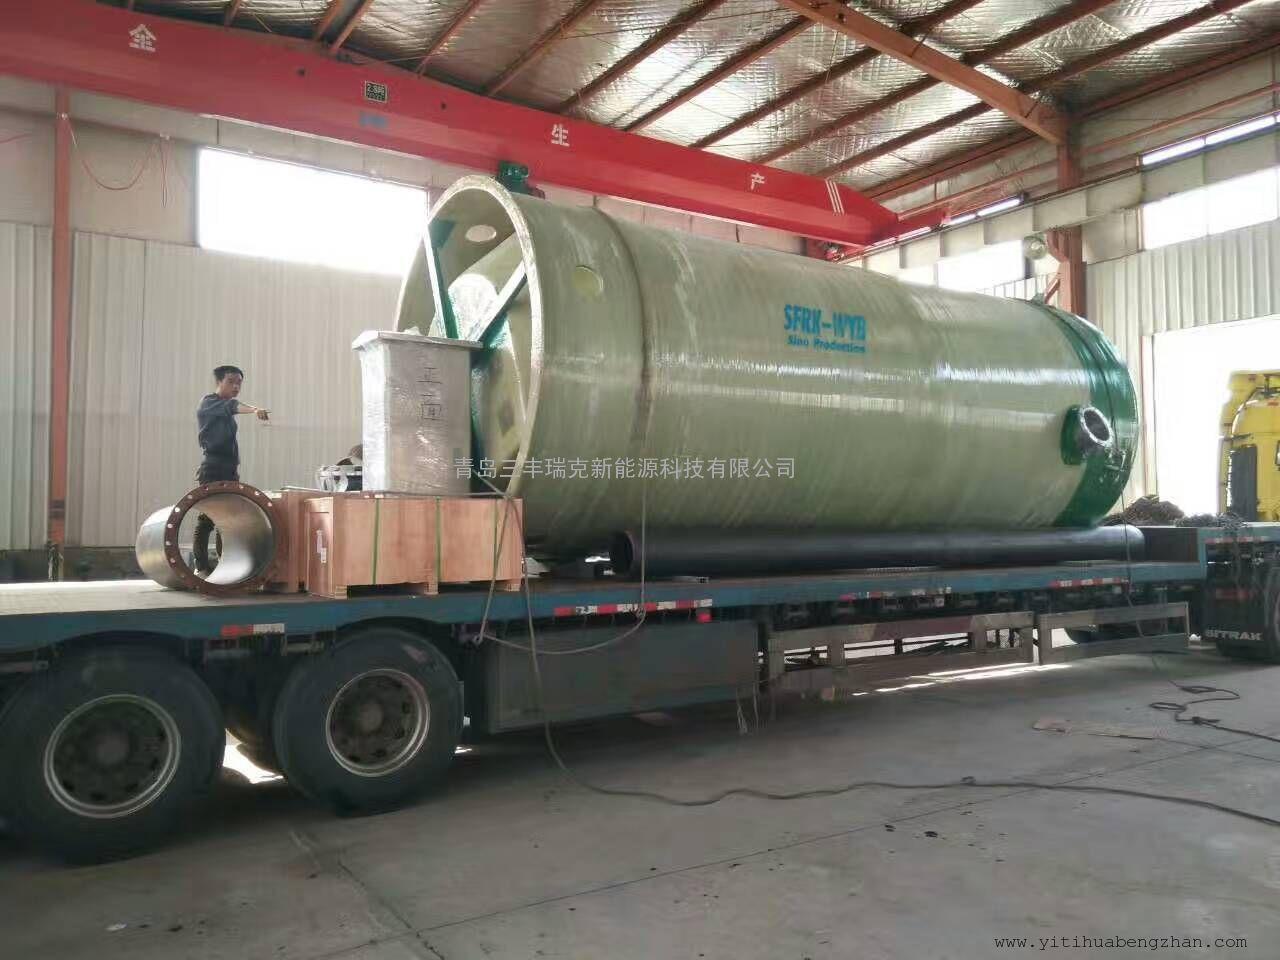 石台县城市重点工程一体化泵站-青岛三丰瑞克